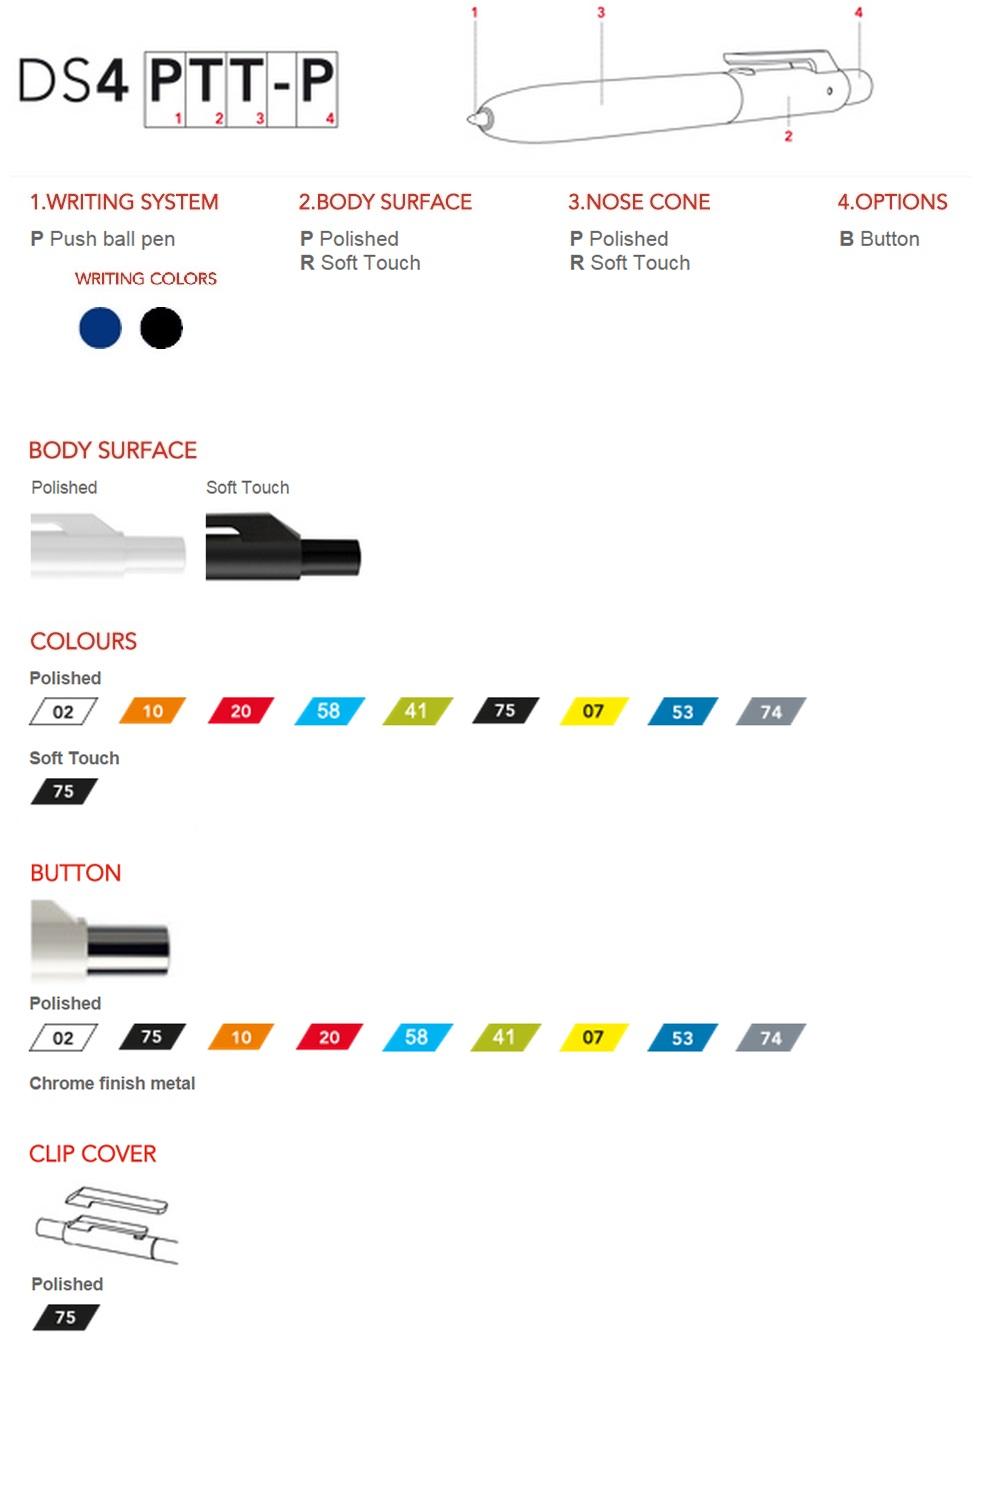 Prodir DS4 pennen personaliseren, overzicht van de personalisatie mogelijkheden. Goedkoop gepersonaliseerde Prodir DS4 pennen bestellen doe je bij BINQ Promotions!